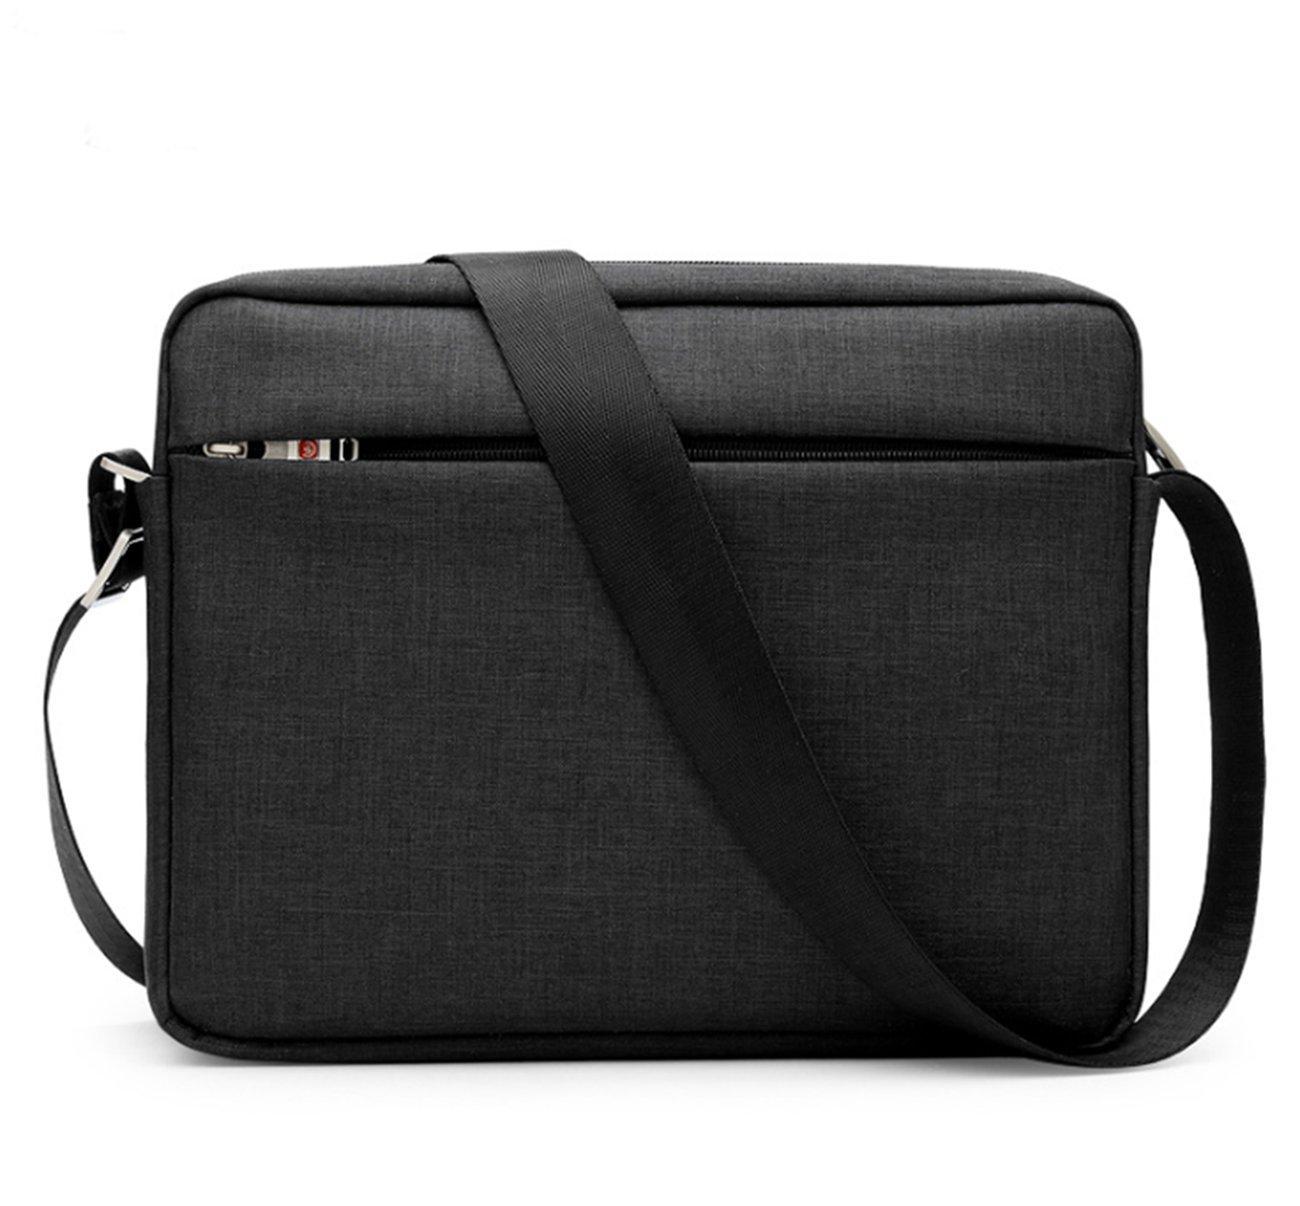 Amazon.com  Small Crossbody Bag Tactical Ipad Messenger Bag 11 Inch Tablet Shoulder  Bag (Black)  Shoes 48c8940c7d43f